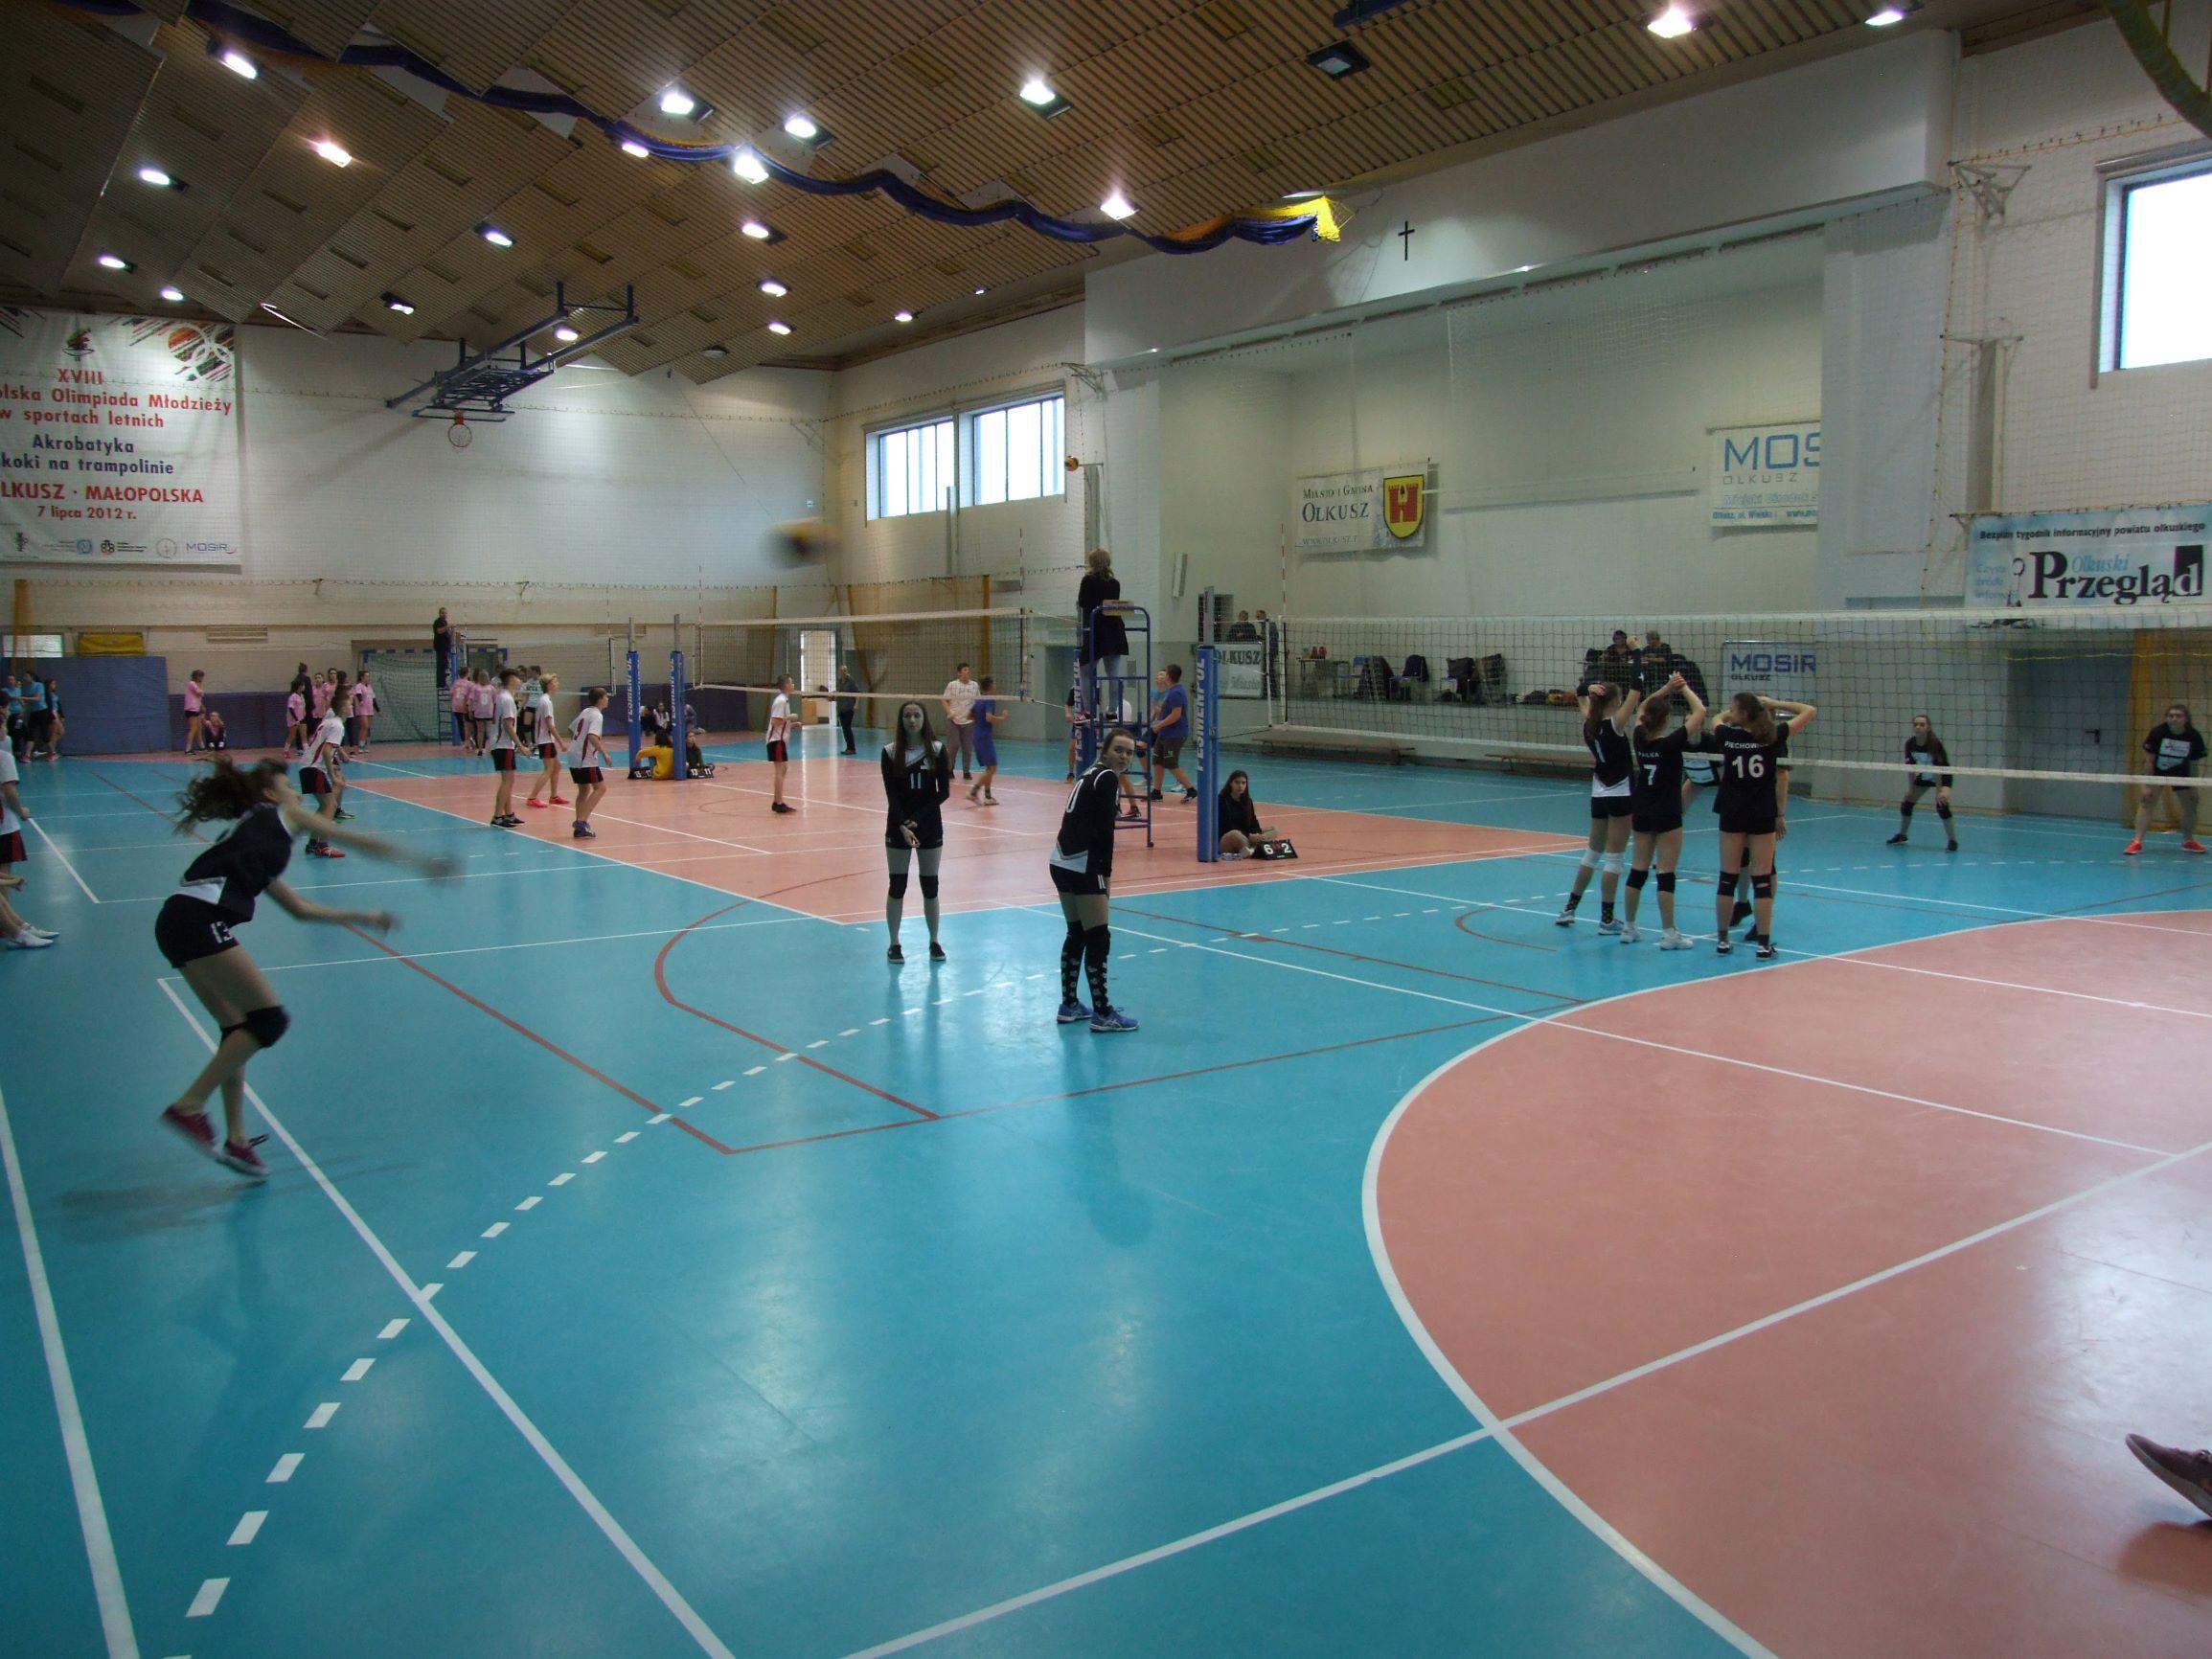 Zdjęcie z turnieju podczas rozgrywanego meczu